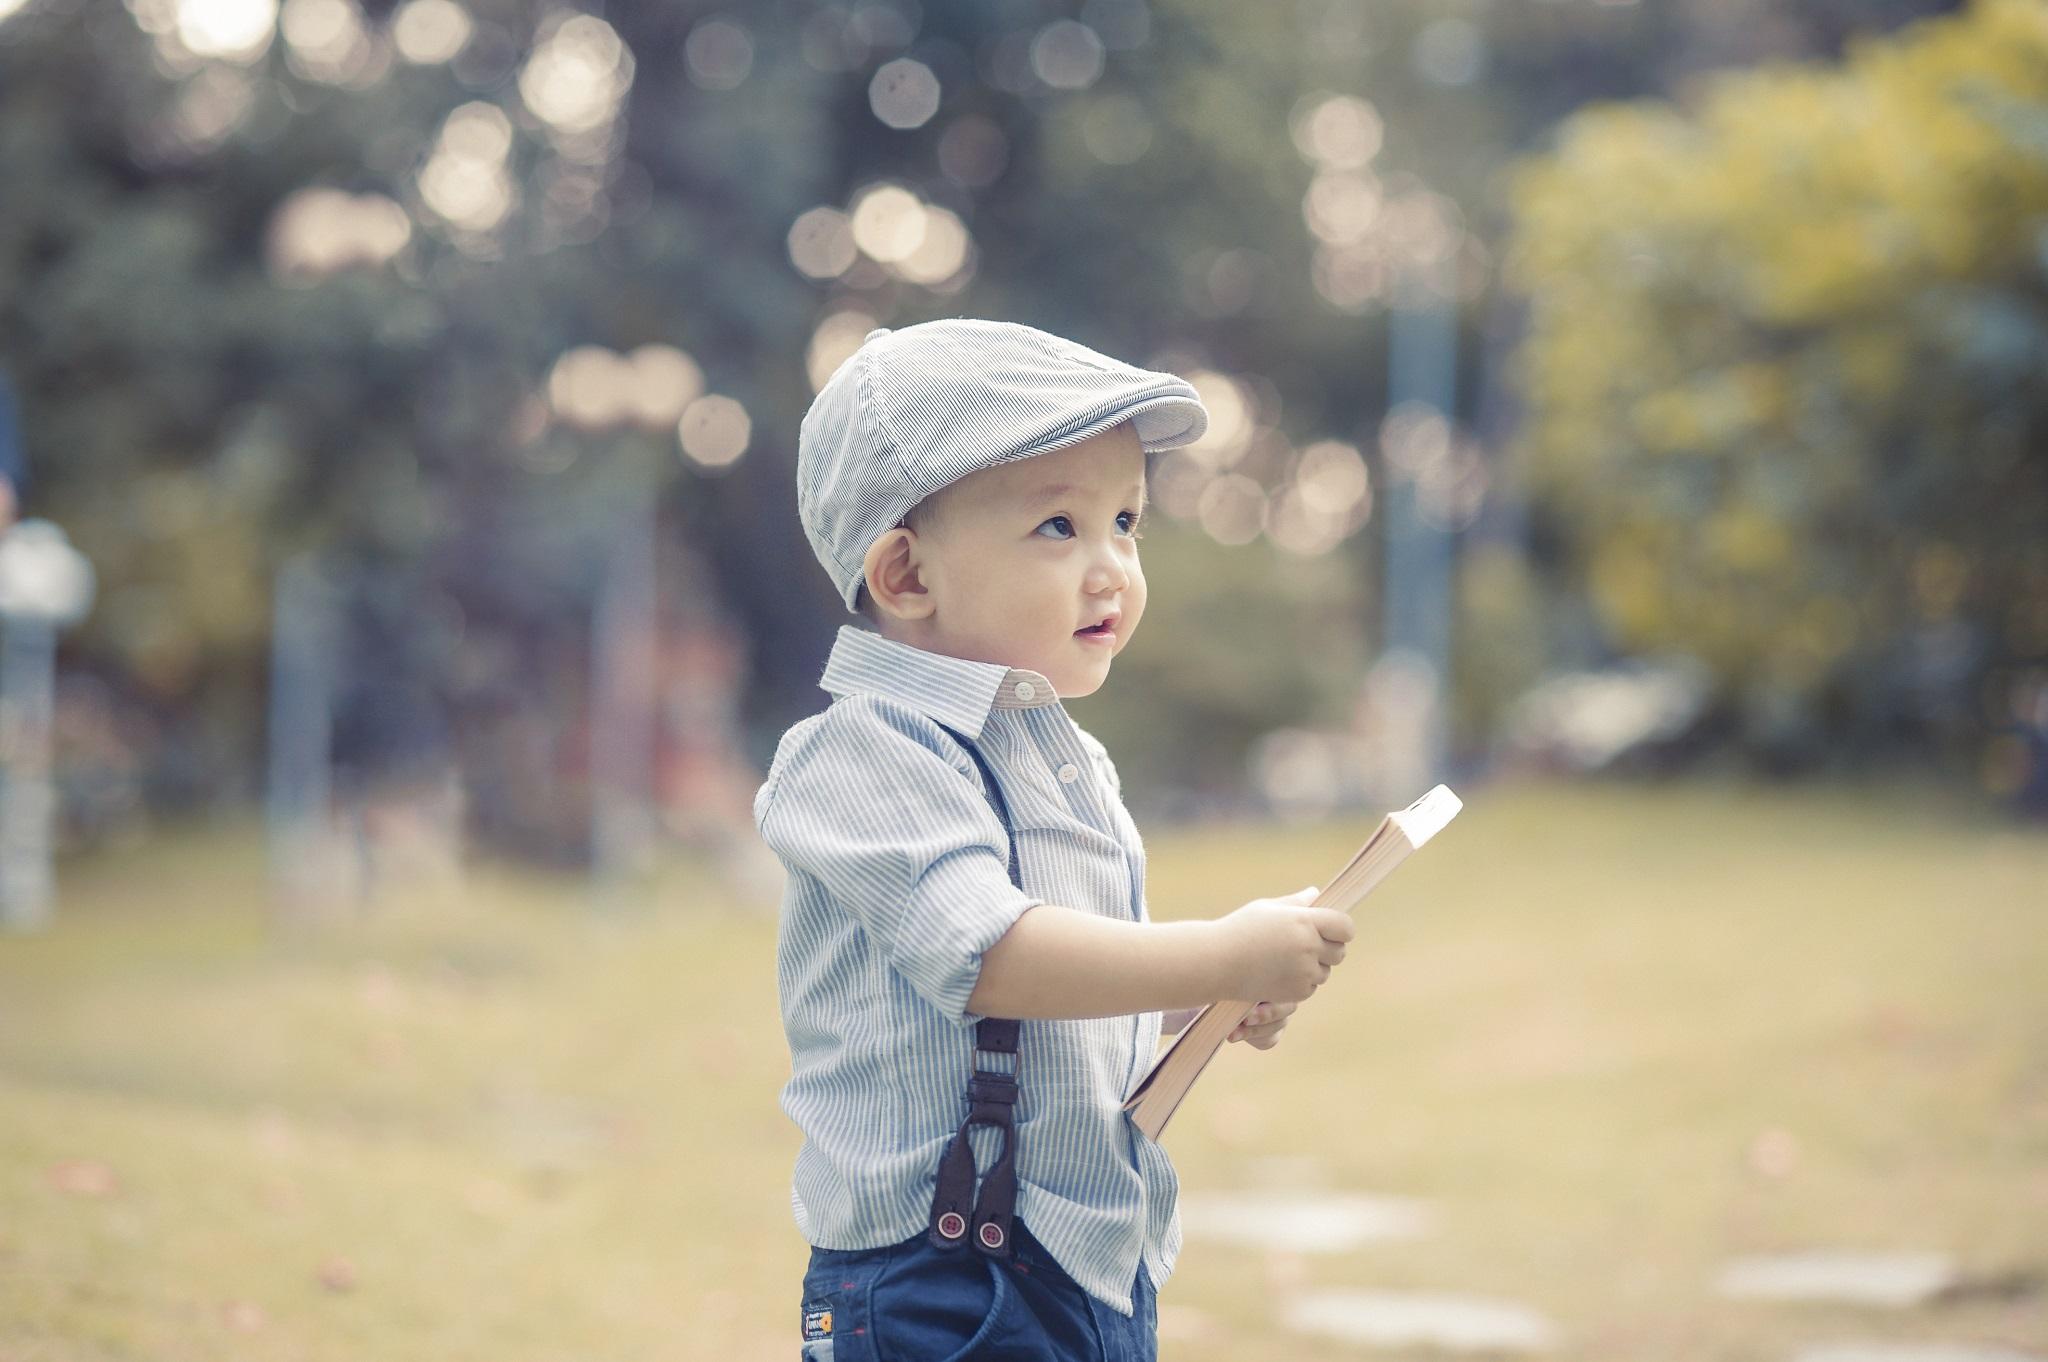 Hình ảnh trẻ em mặc đồ thời trang rất đẹp